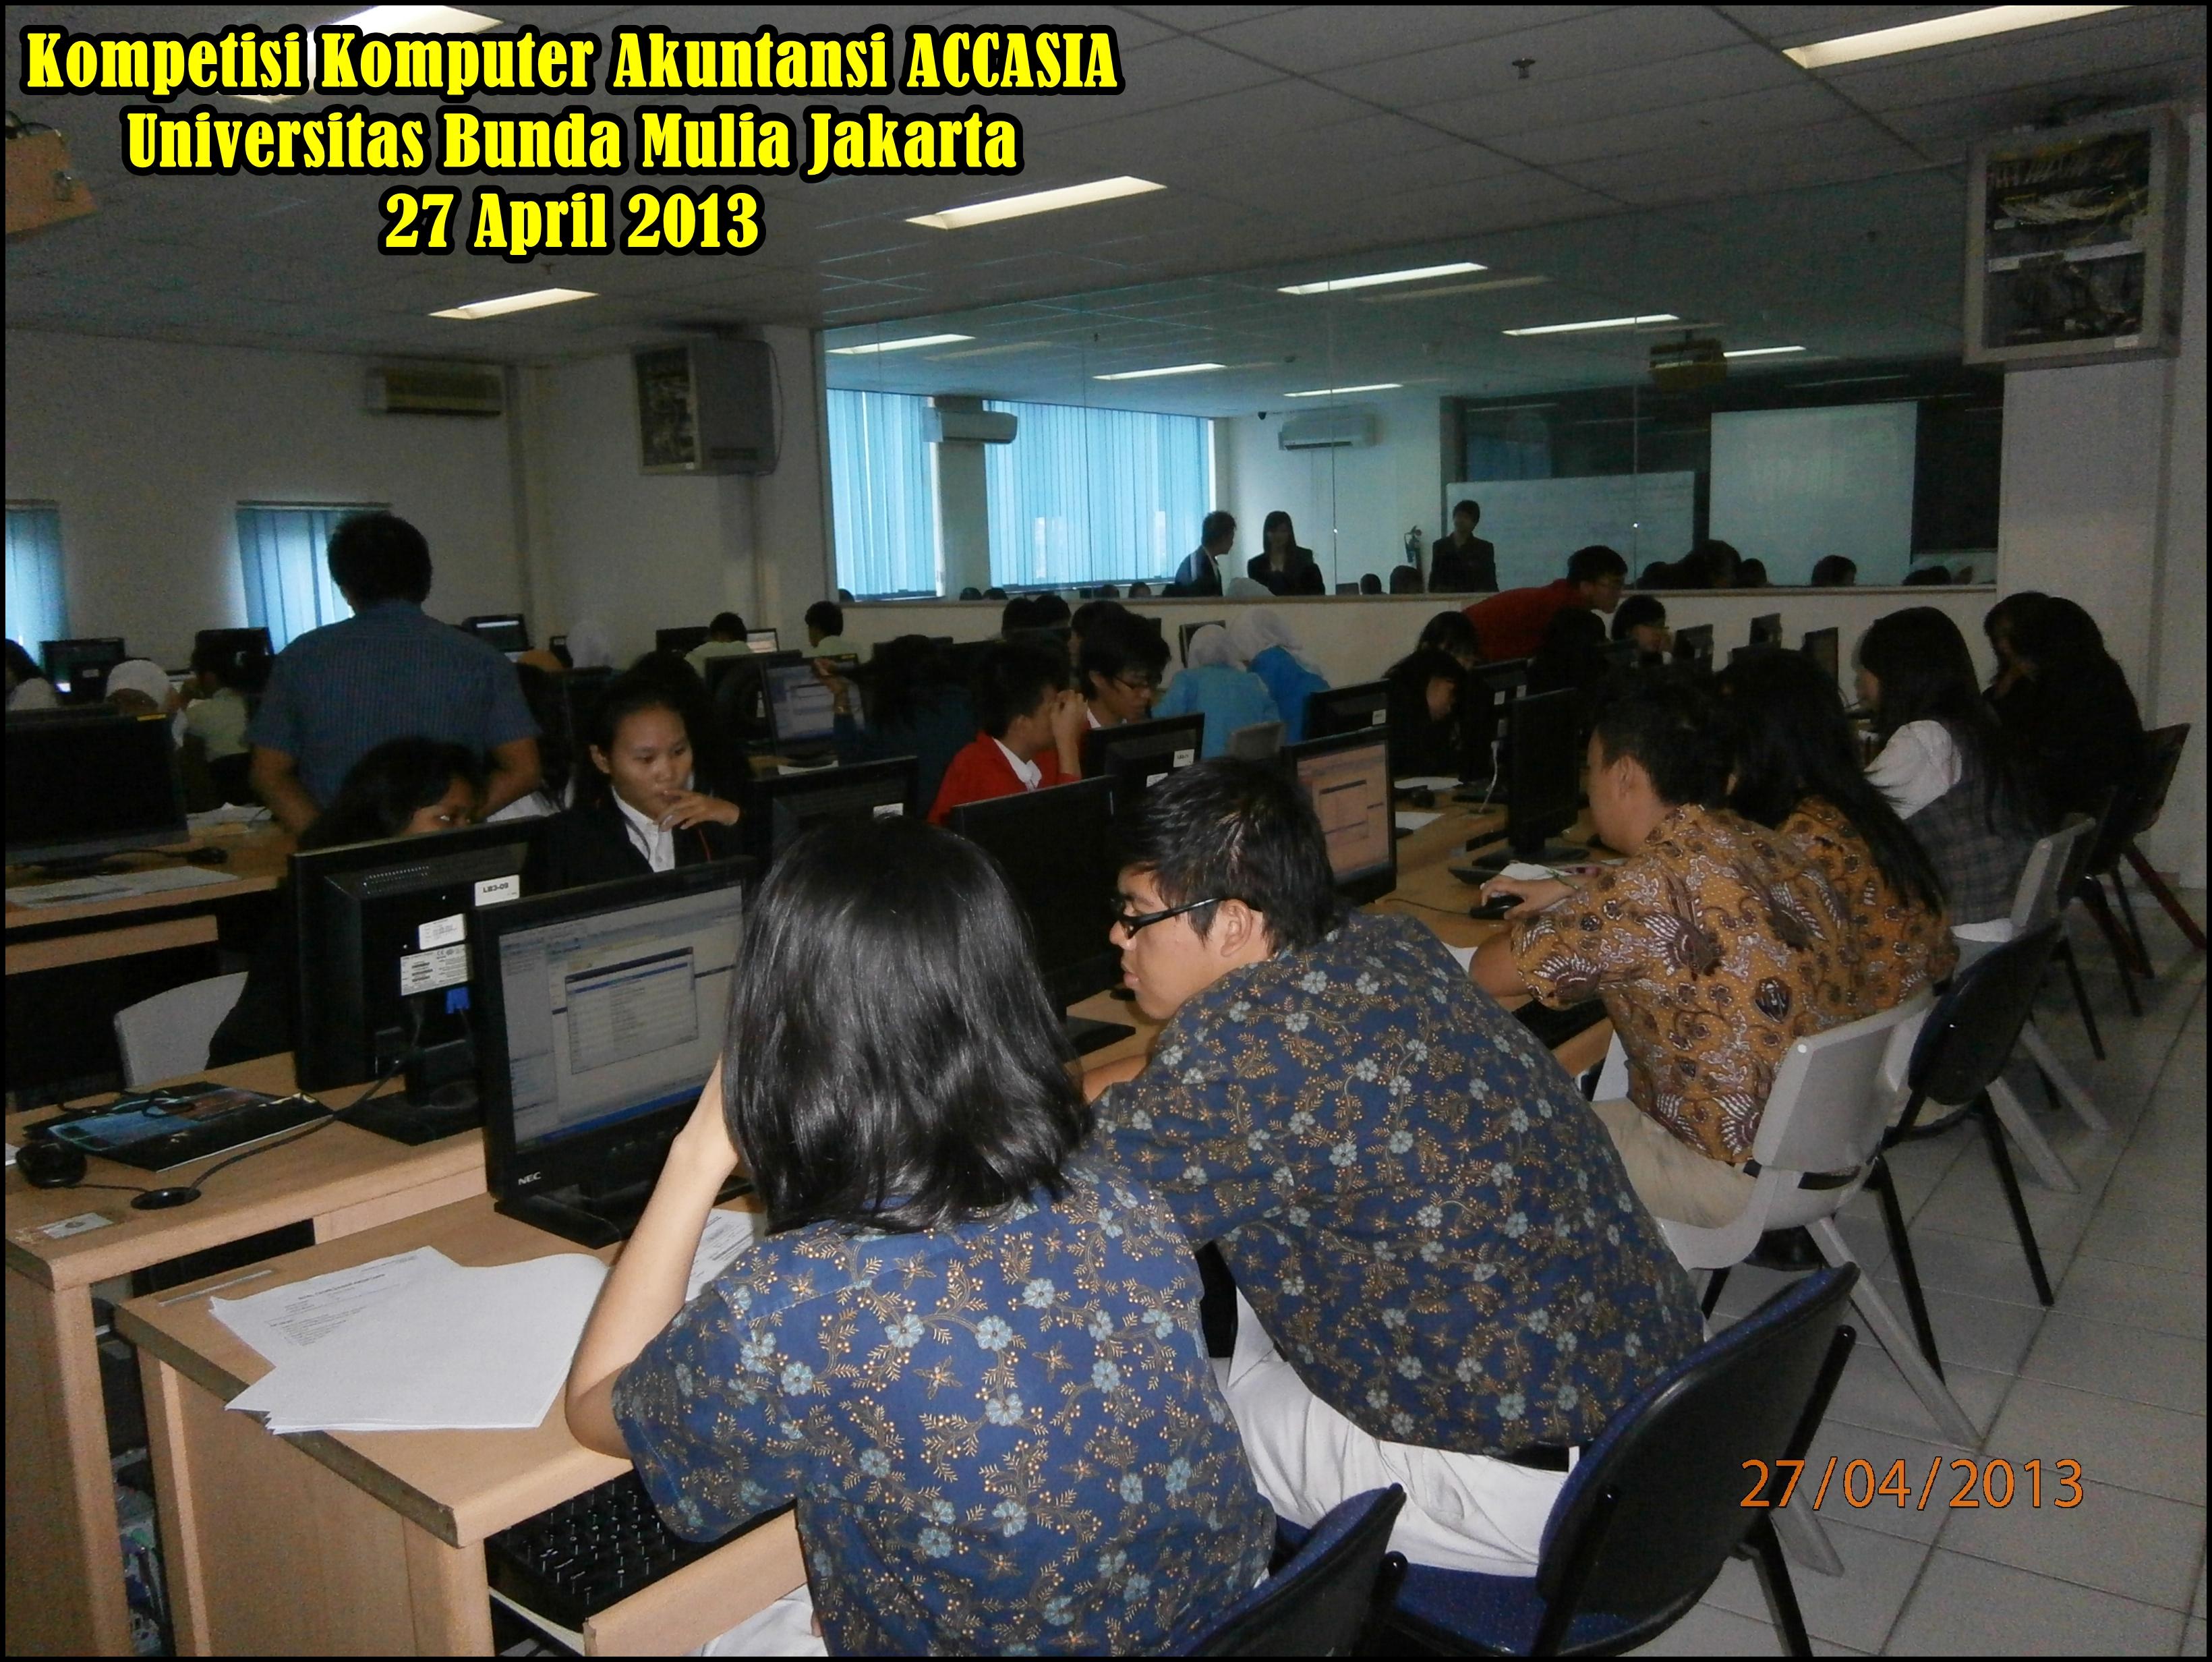 Acara Kompetisi Komputer Akuntansi Accasia 2013 Kami Berikan Pengetahuan Dan Pelayanan Terbaik